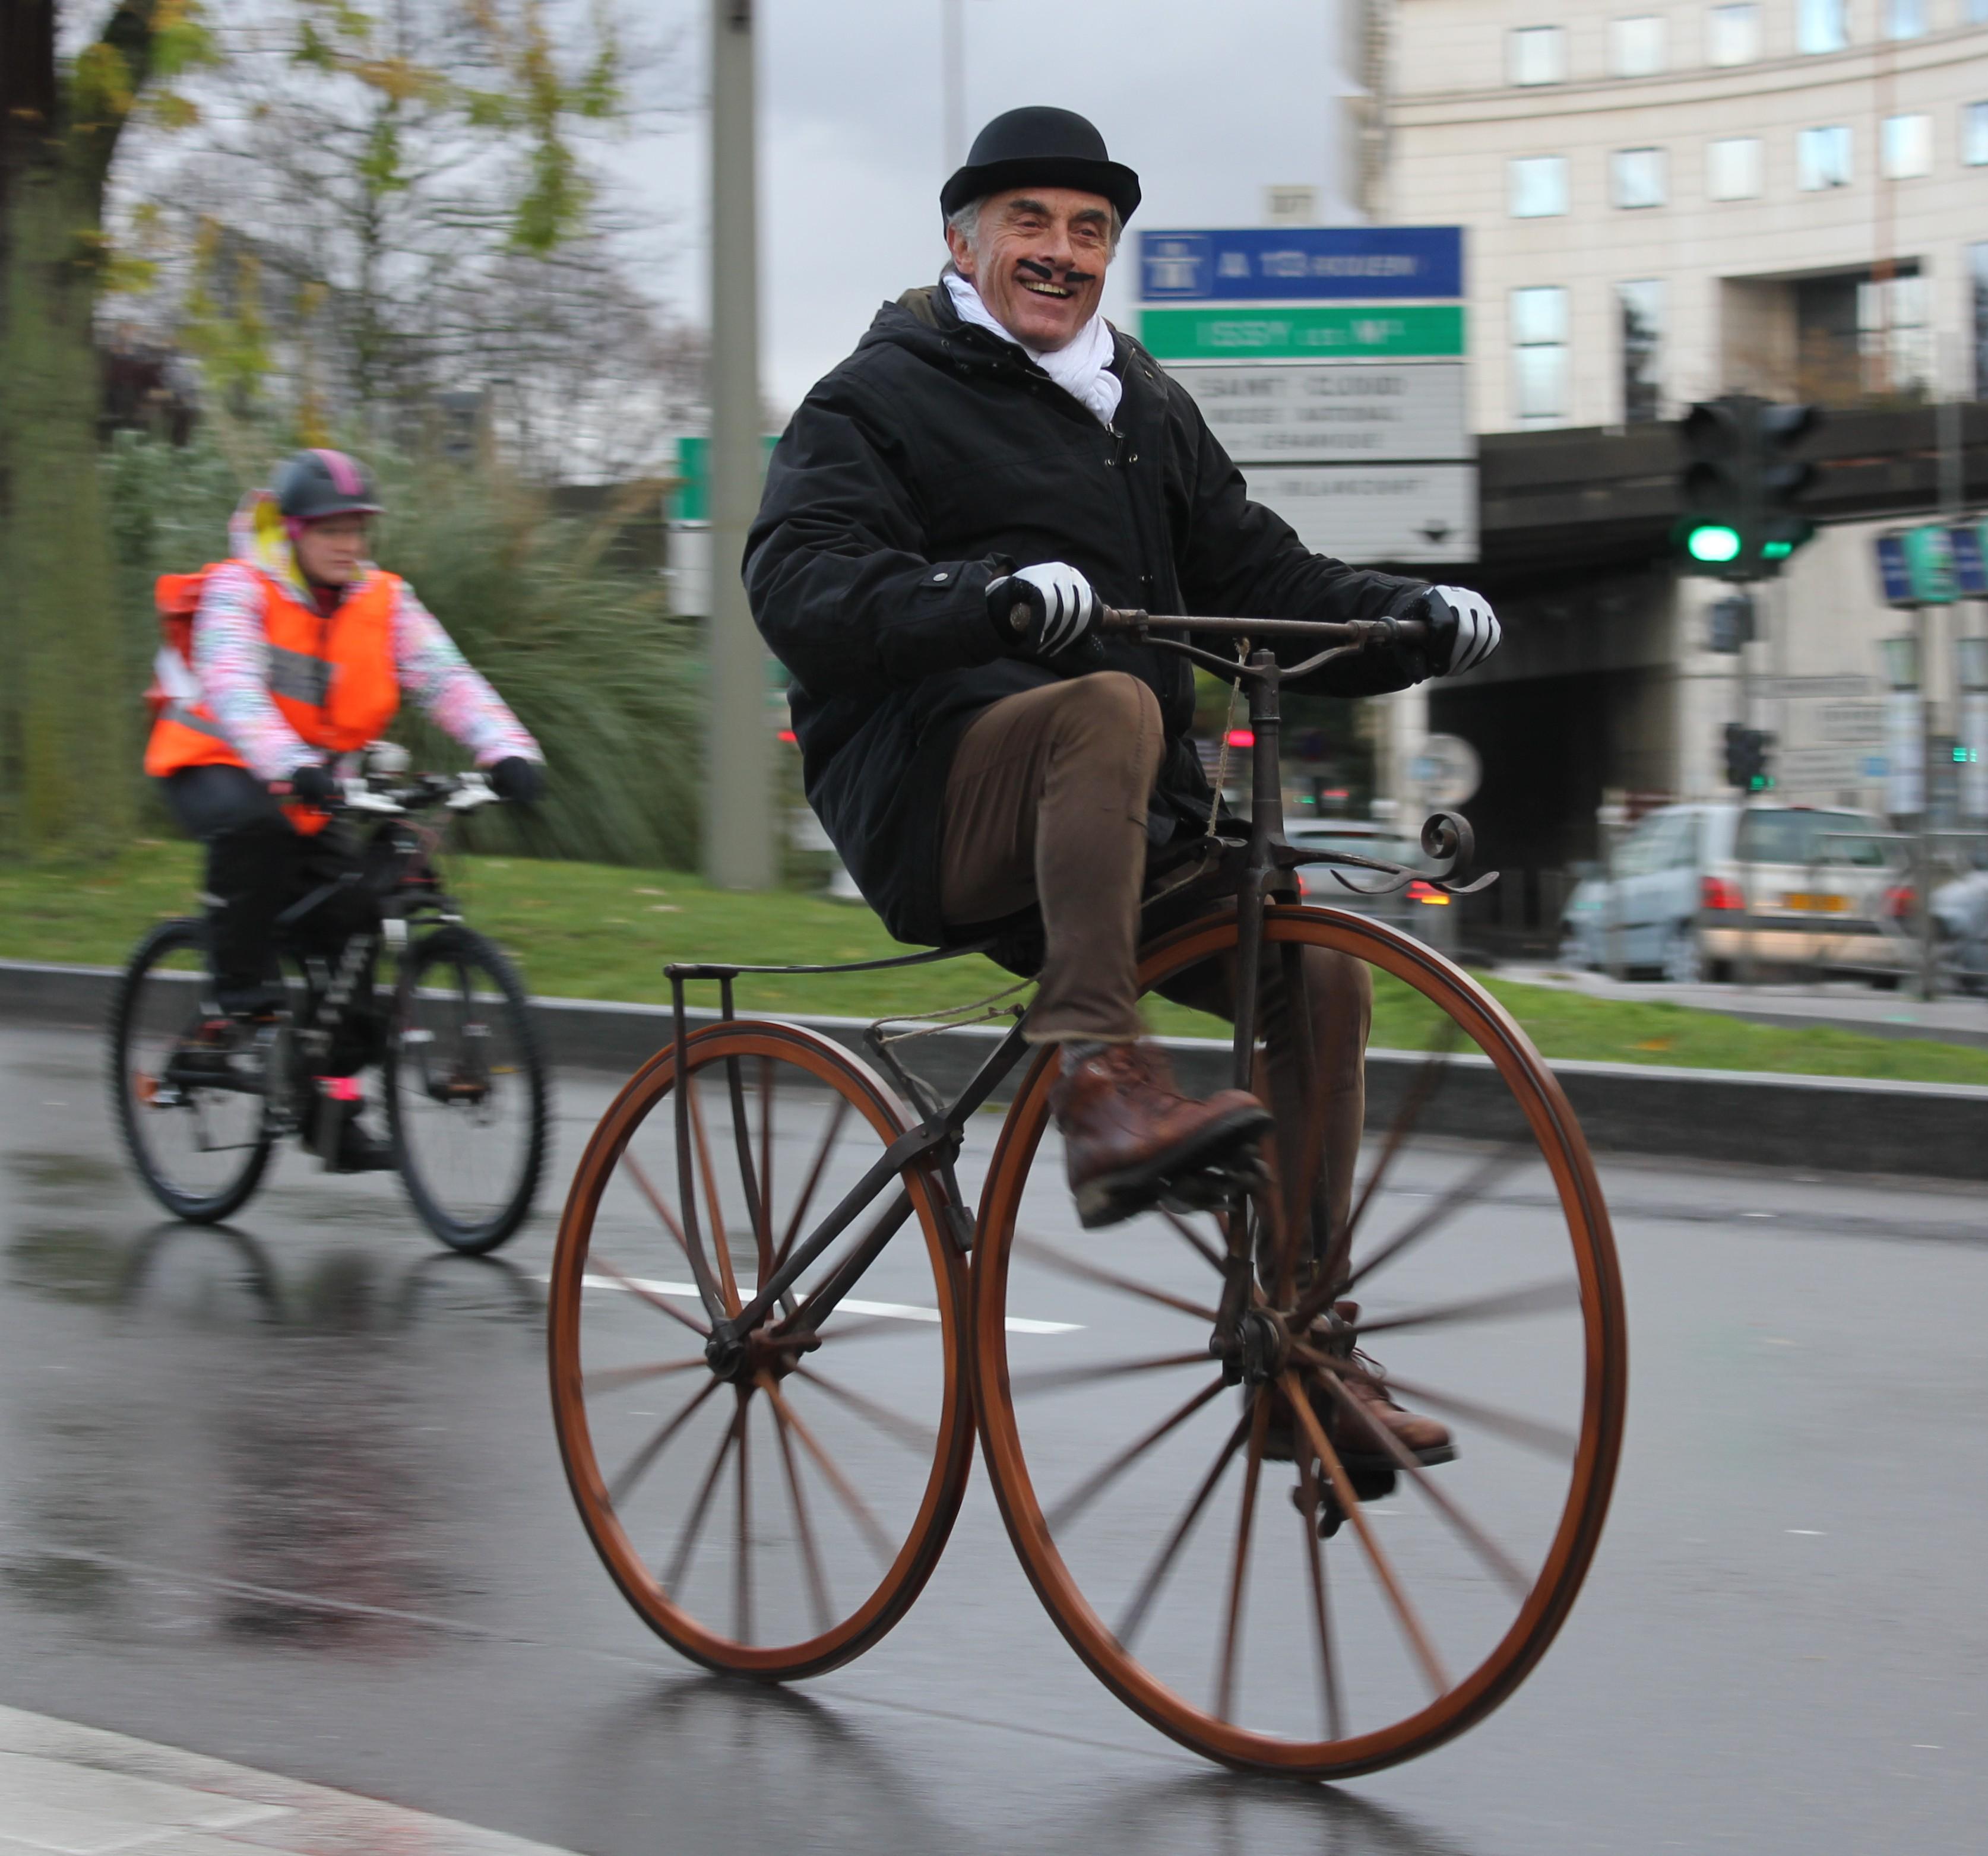 Gérard Holtz prendra part à la course Photo ©GeraldineGaudy